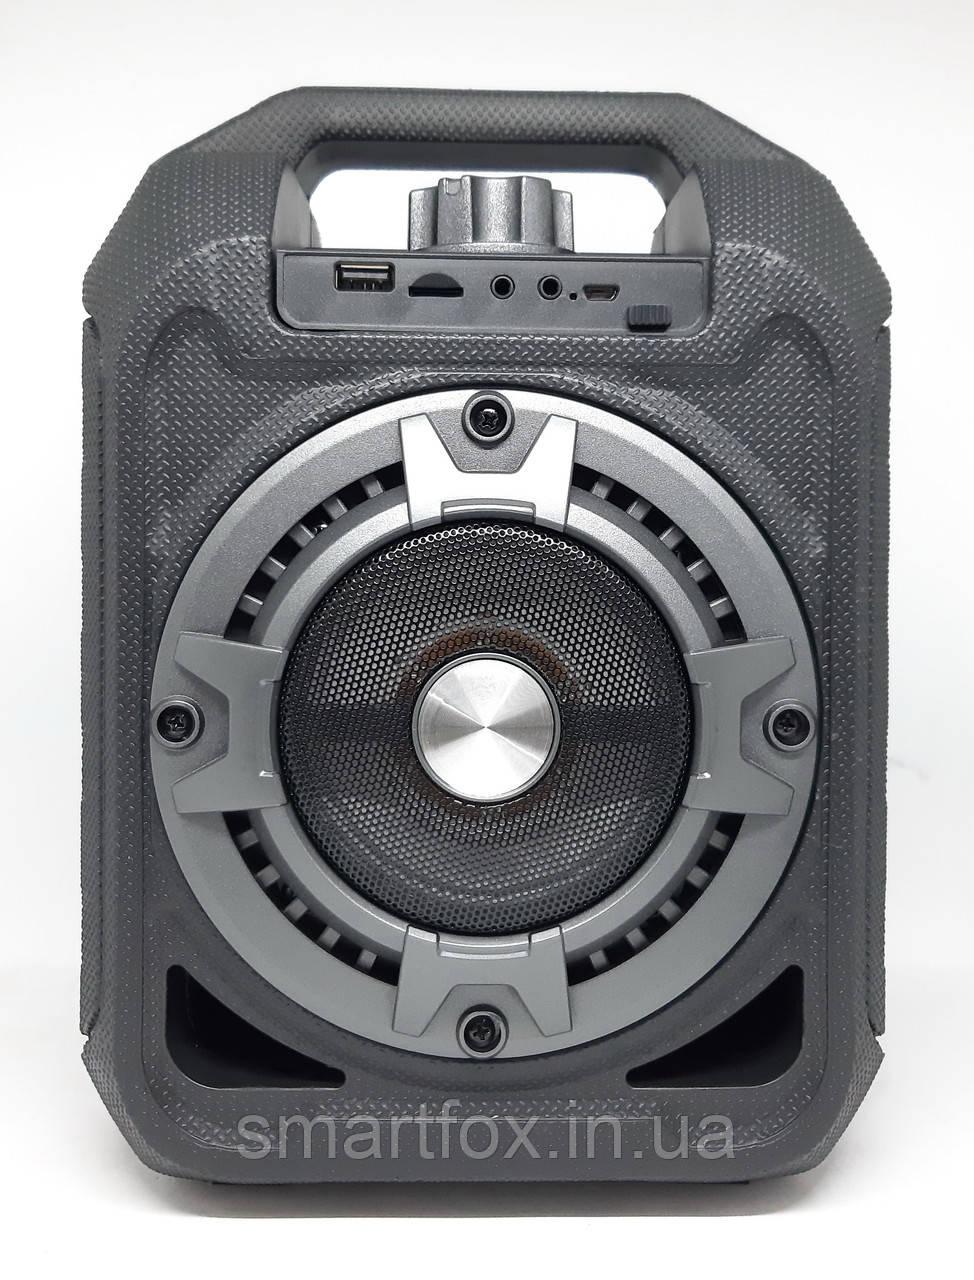 Портативная колонка Bluetooth B328 в виде мини-чемодана